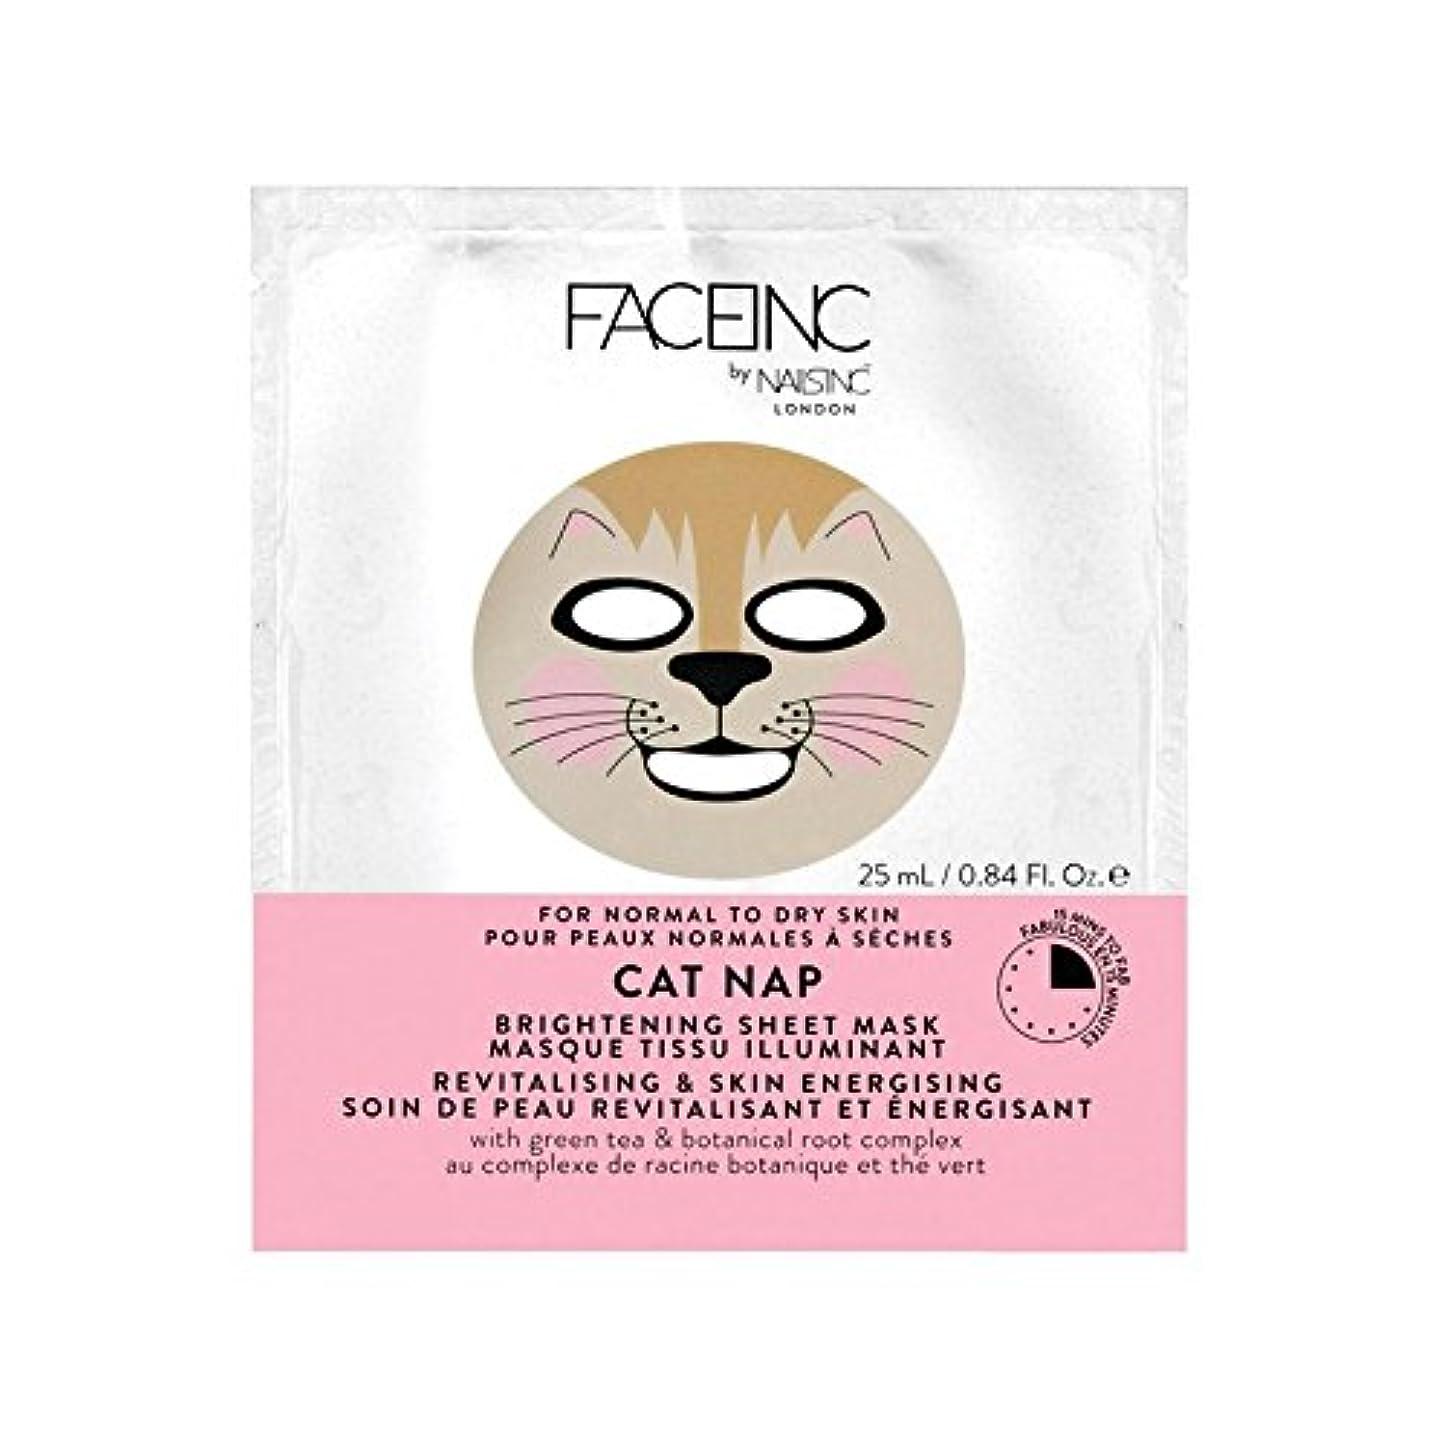 土砂降り百科事典最後に爪が株式会社顔猫の昼寝用マスク x2 - Nails Inc. Face Inc Cat Nap Mask (Pack of 2) [並行輸入品]